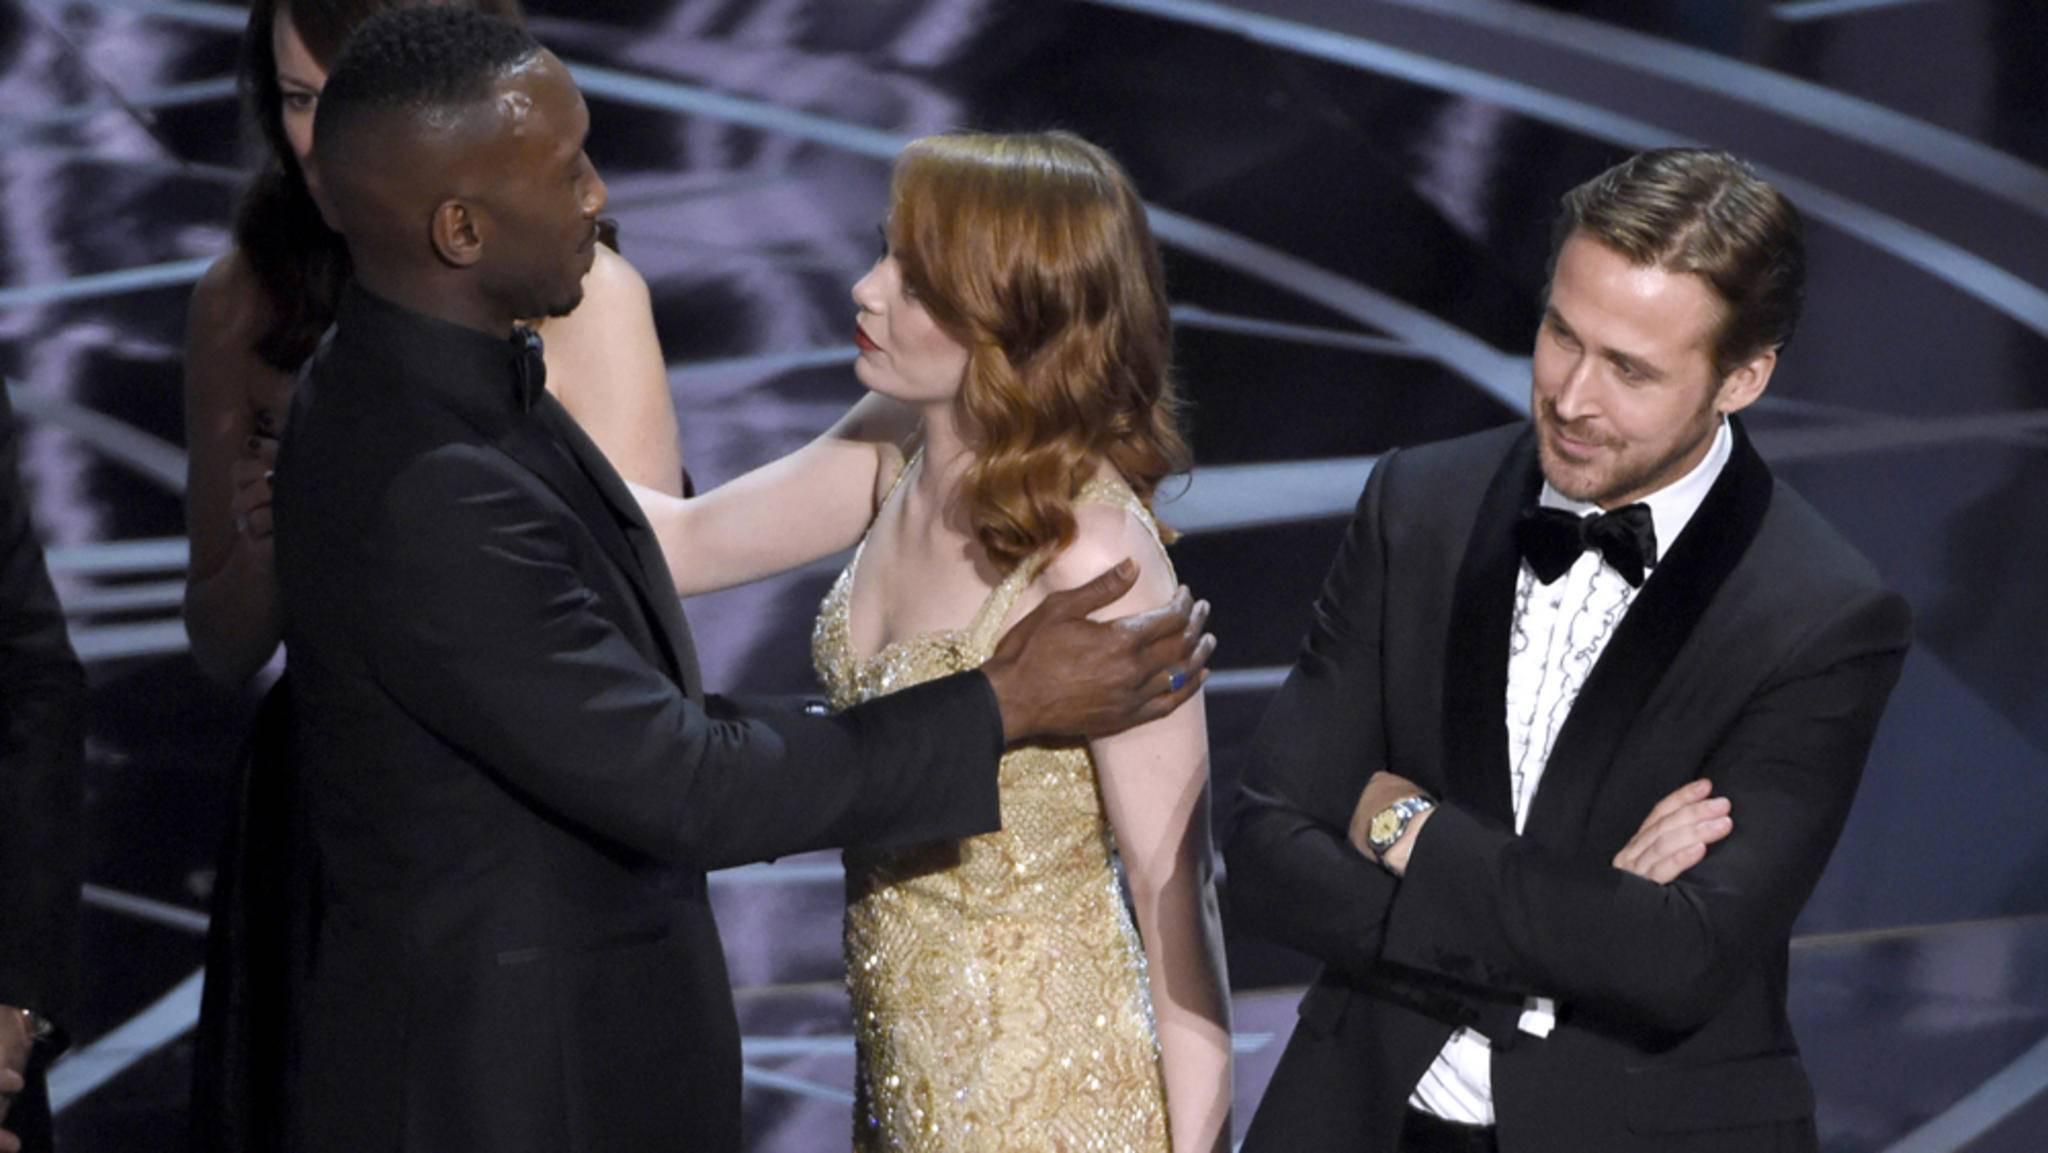 """Blöde Panne: """"Moonlight""""-Darsteller Mahershala Ali tröstet Emma Stone, die plötzlich doch nicht mehr im besten Film des Jahres mitgespielt hatte. """"La La Land""""-Hauptdarsteller Ryan Gosling schaut auch nicht so ganz glücklich."""